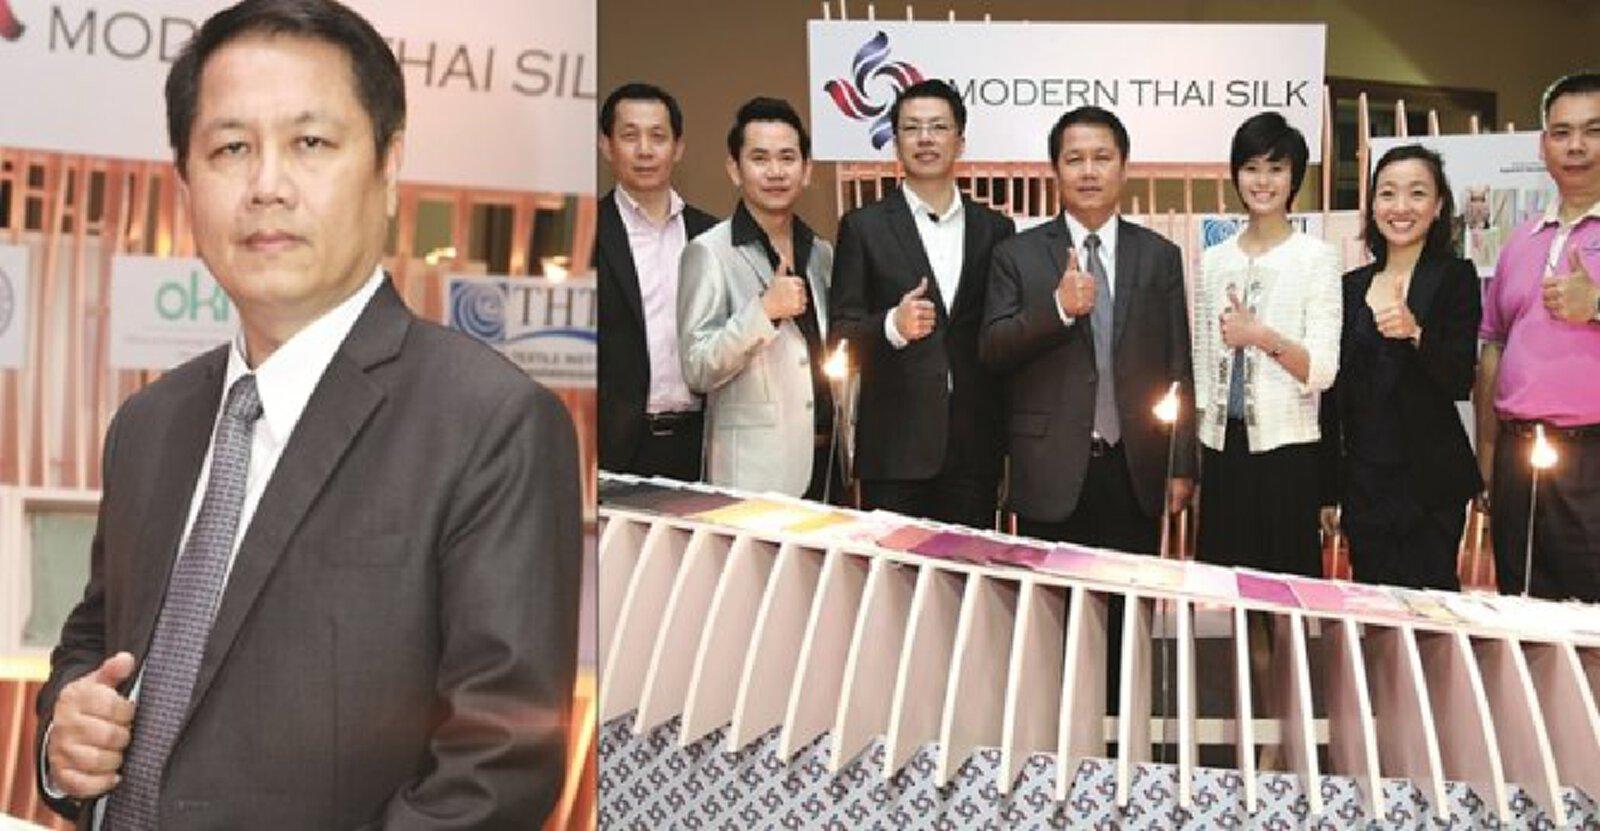 '50ผ้าไหมไทย'ขึ้นโชว์บทเวทีแสดงผ้าระดับโลกครั้งแรก